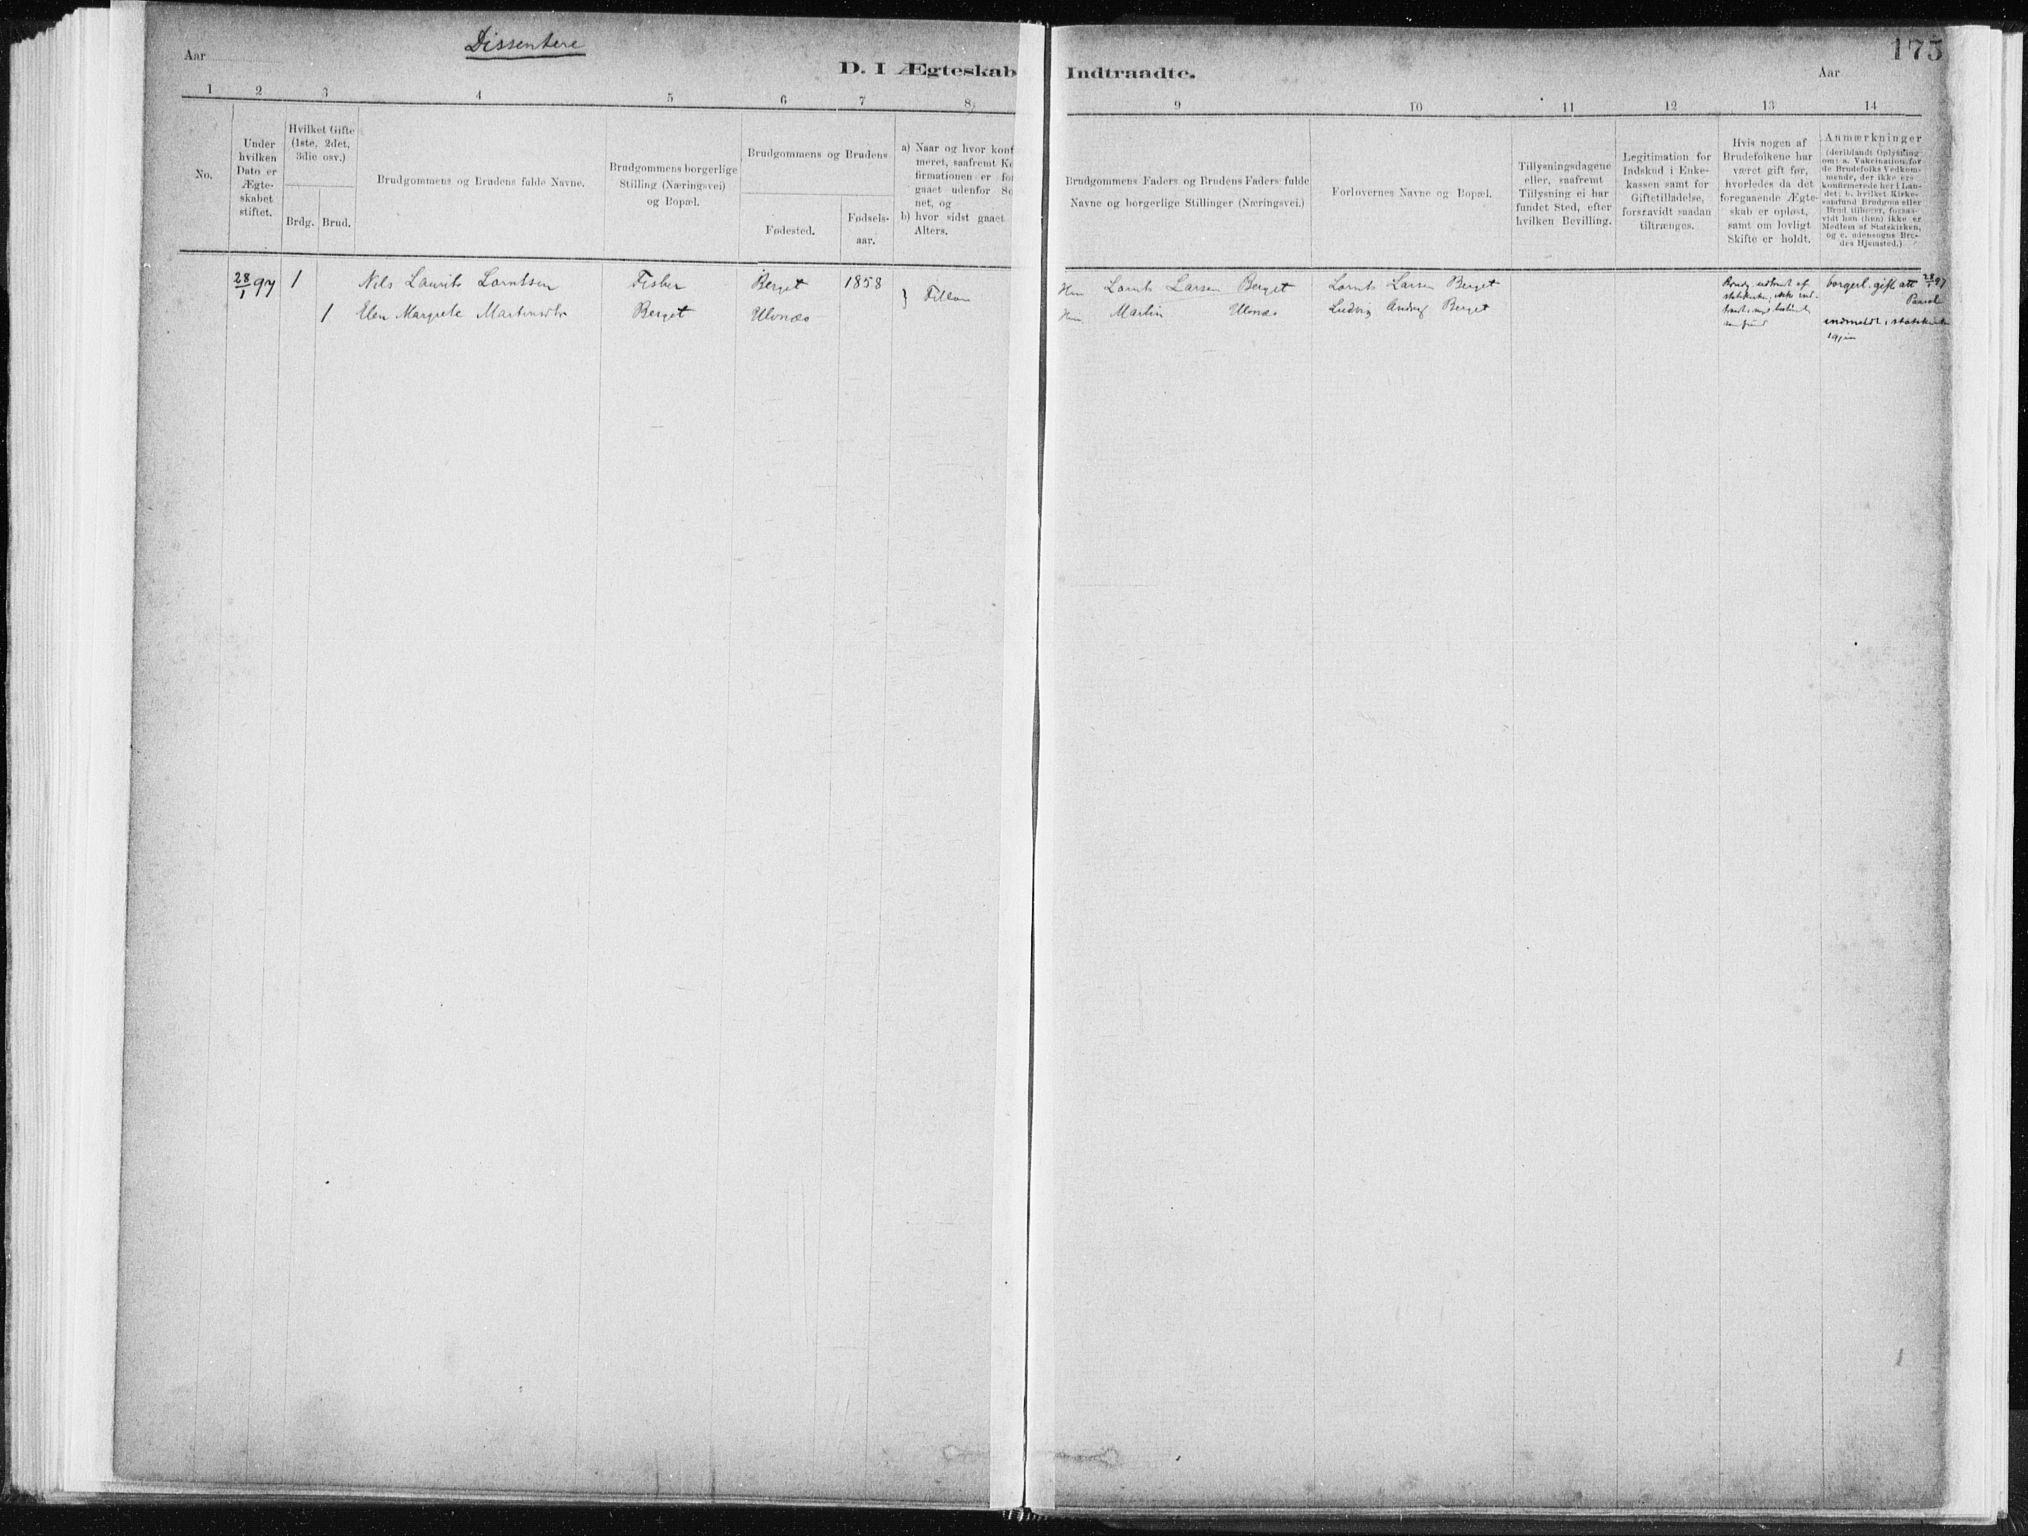 SAT, Ministerialprotokoller, klokkerbøker og fødselsregistre - Sør-Trøndelag, 637/L0558: Ministerialbok nr. 637A01, 1882-1899, s. 175